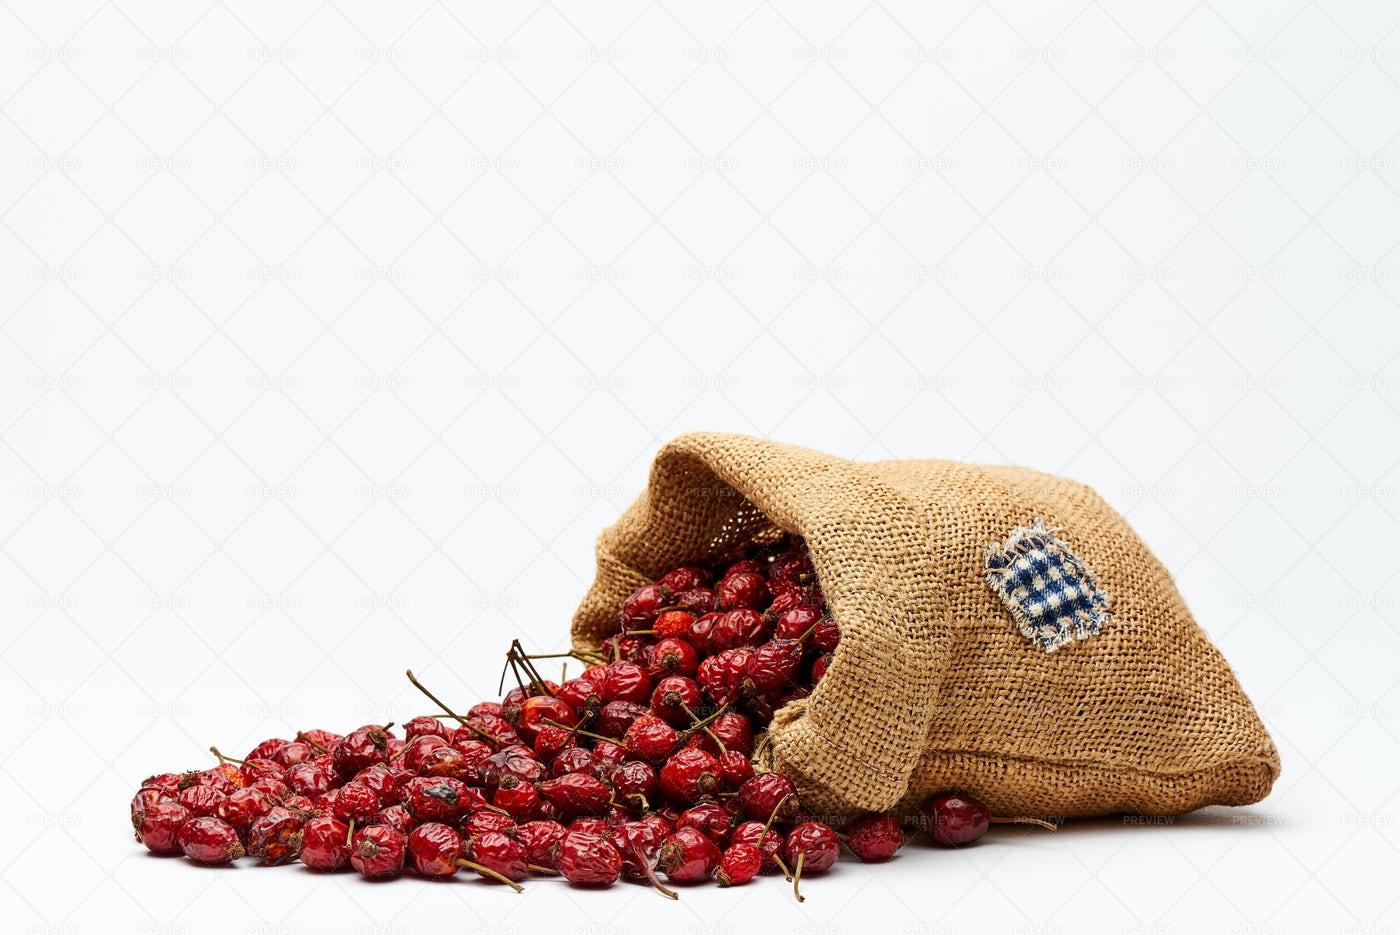 Bag With Rose Hips: Stock Photos